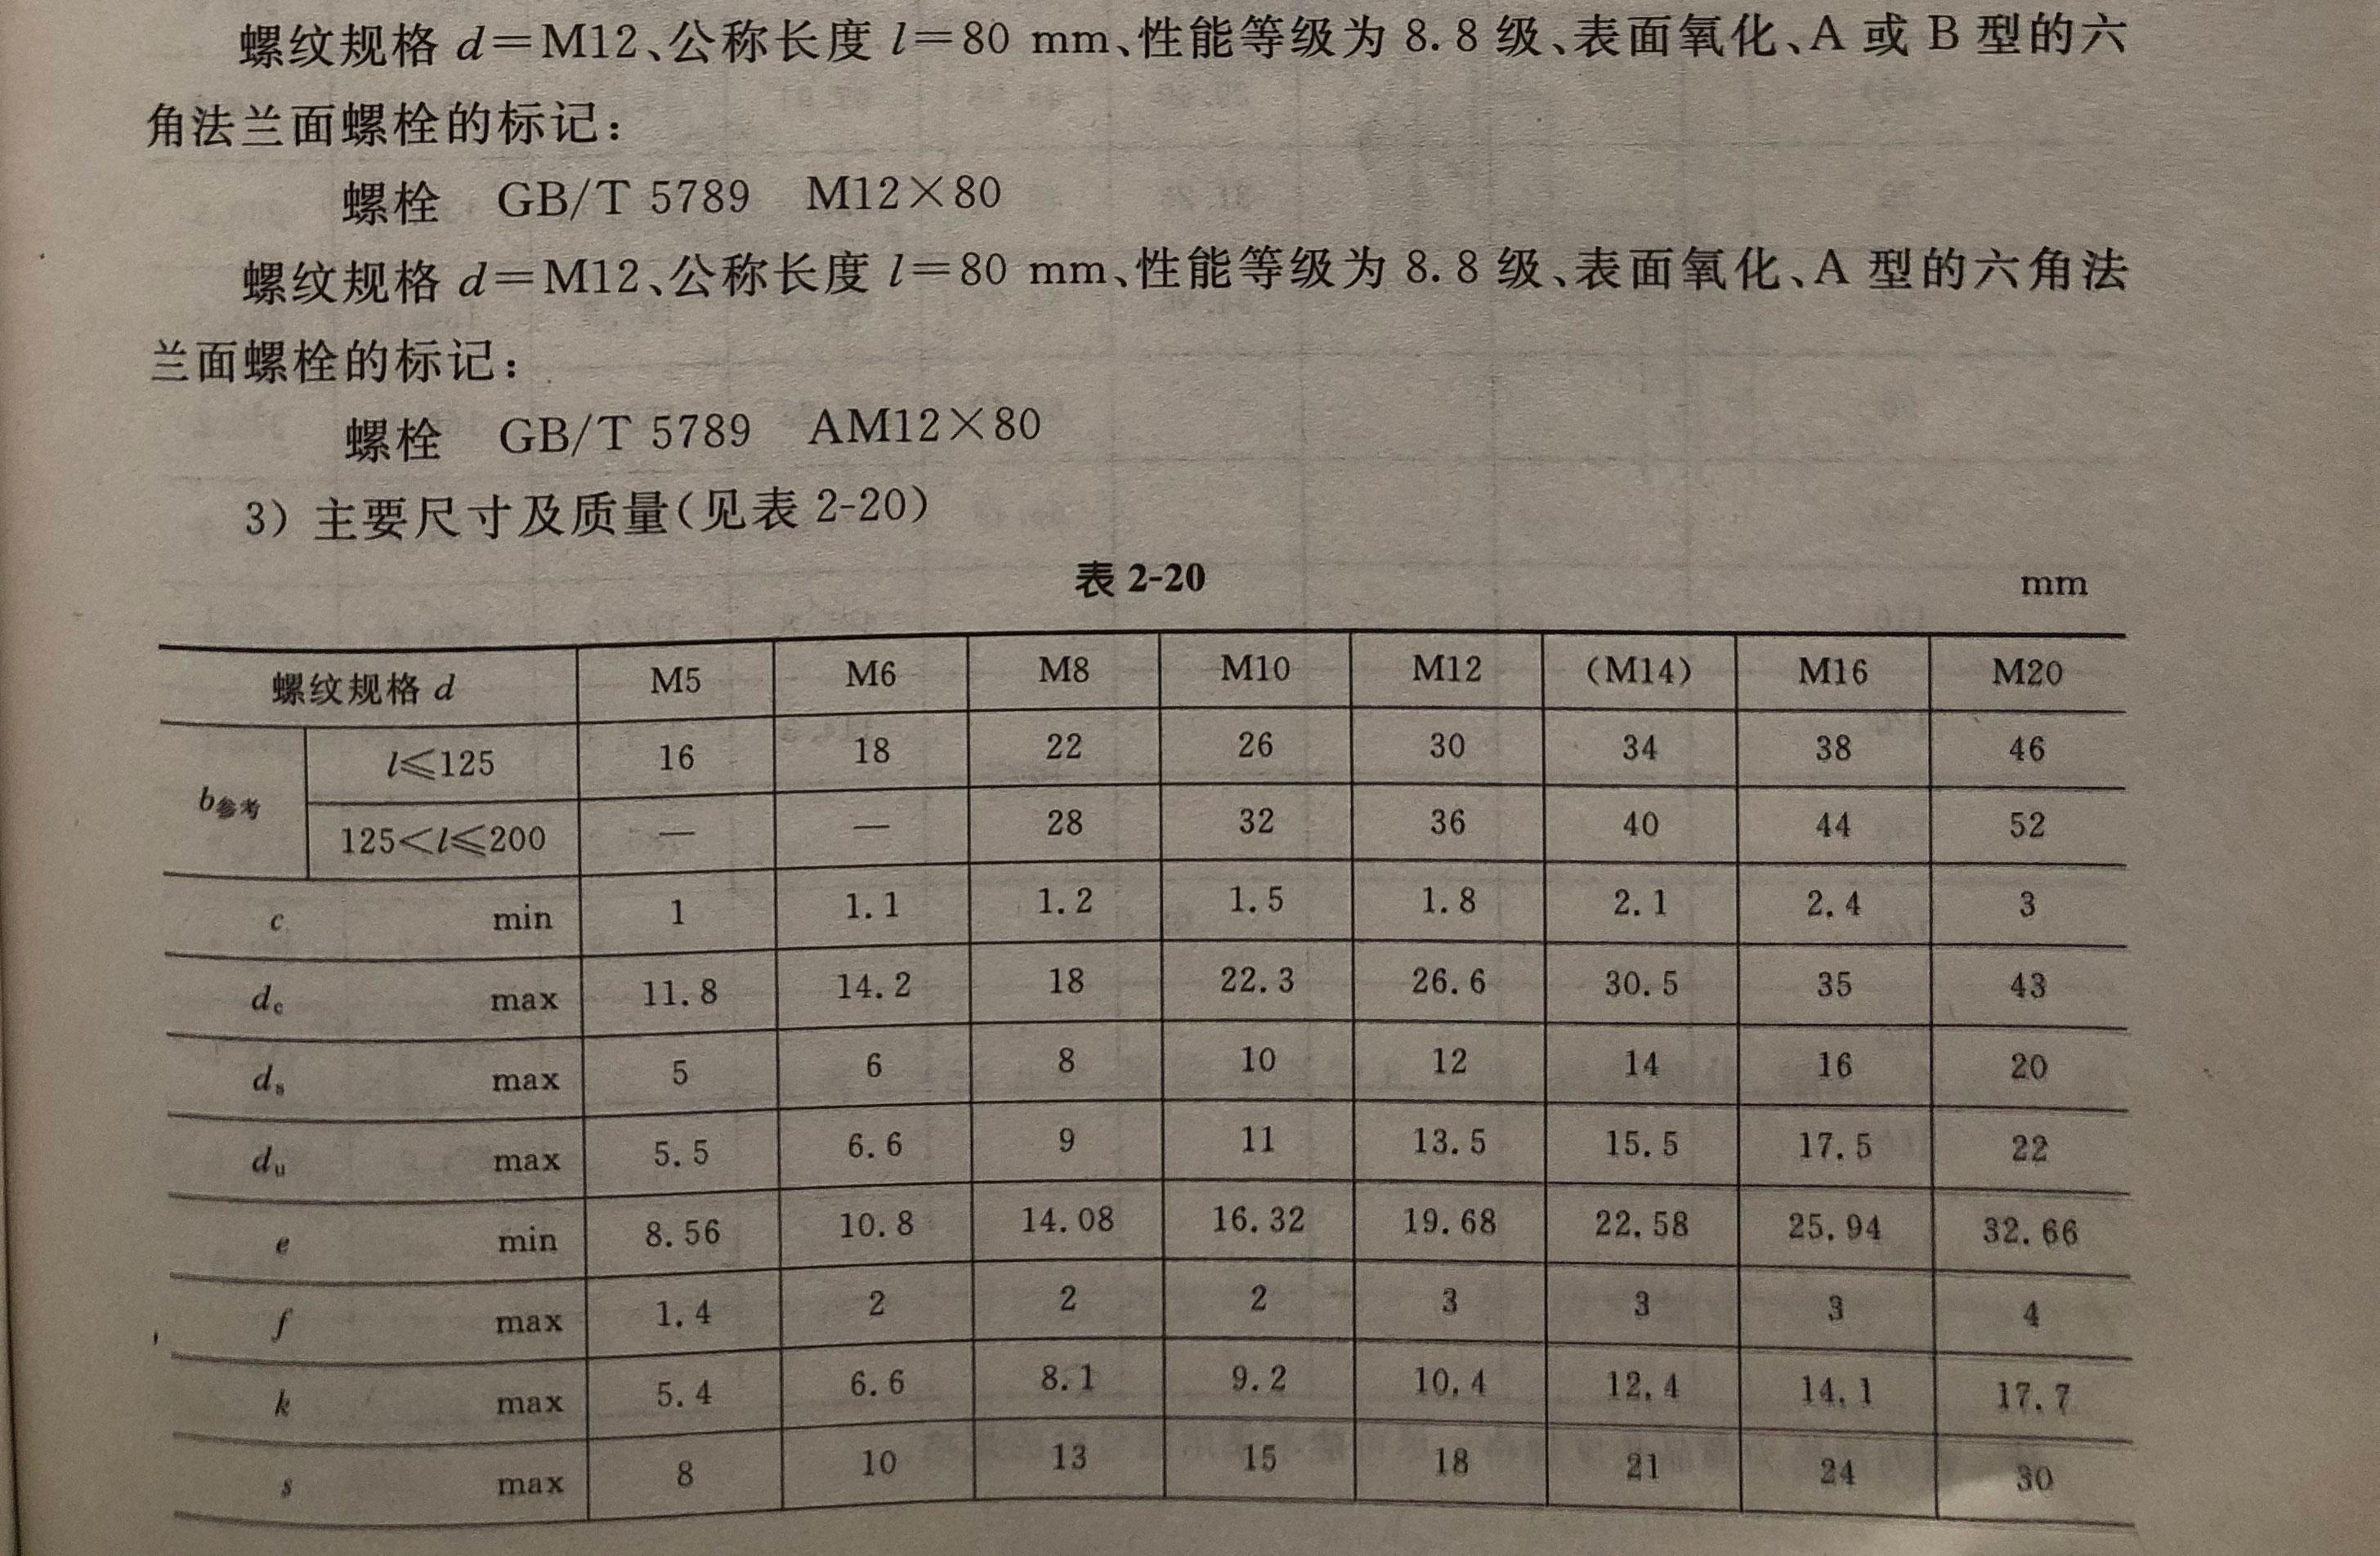 六角法兰面螺栓-尺寸与重量1_02